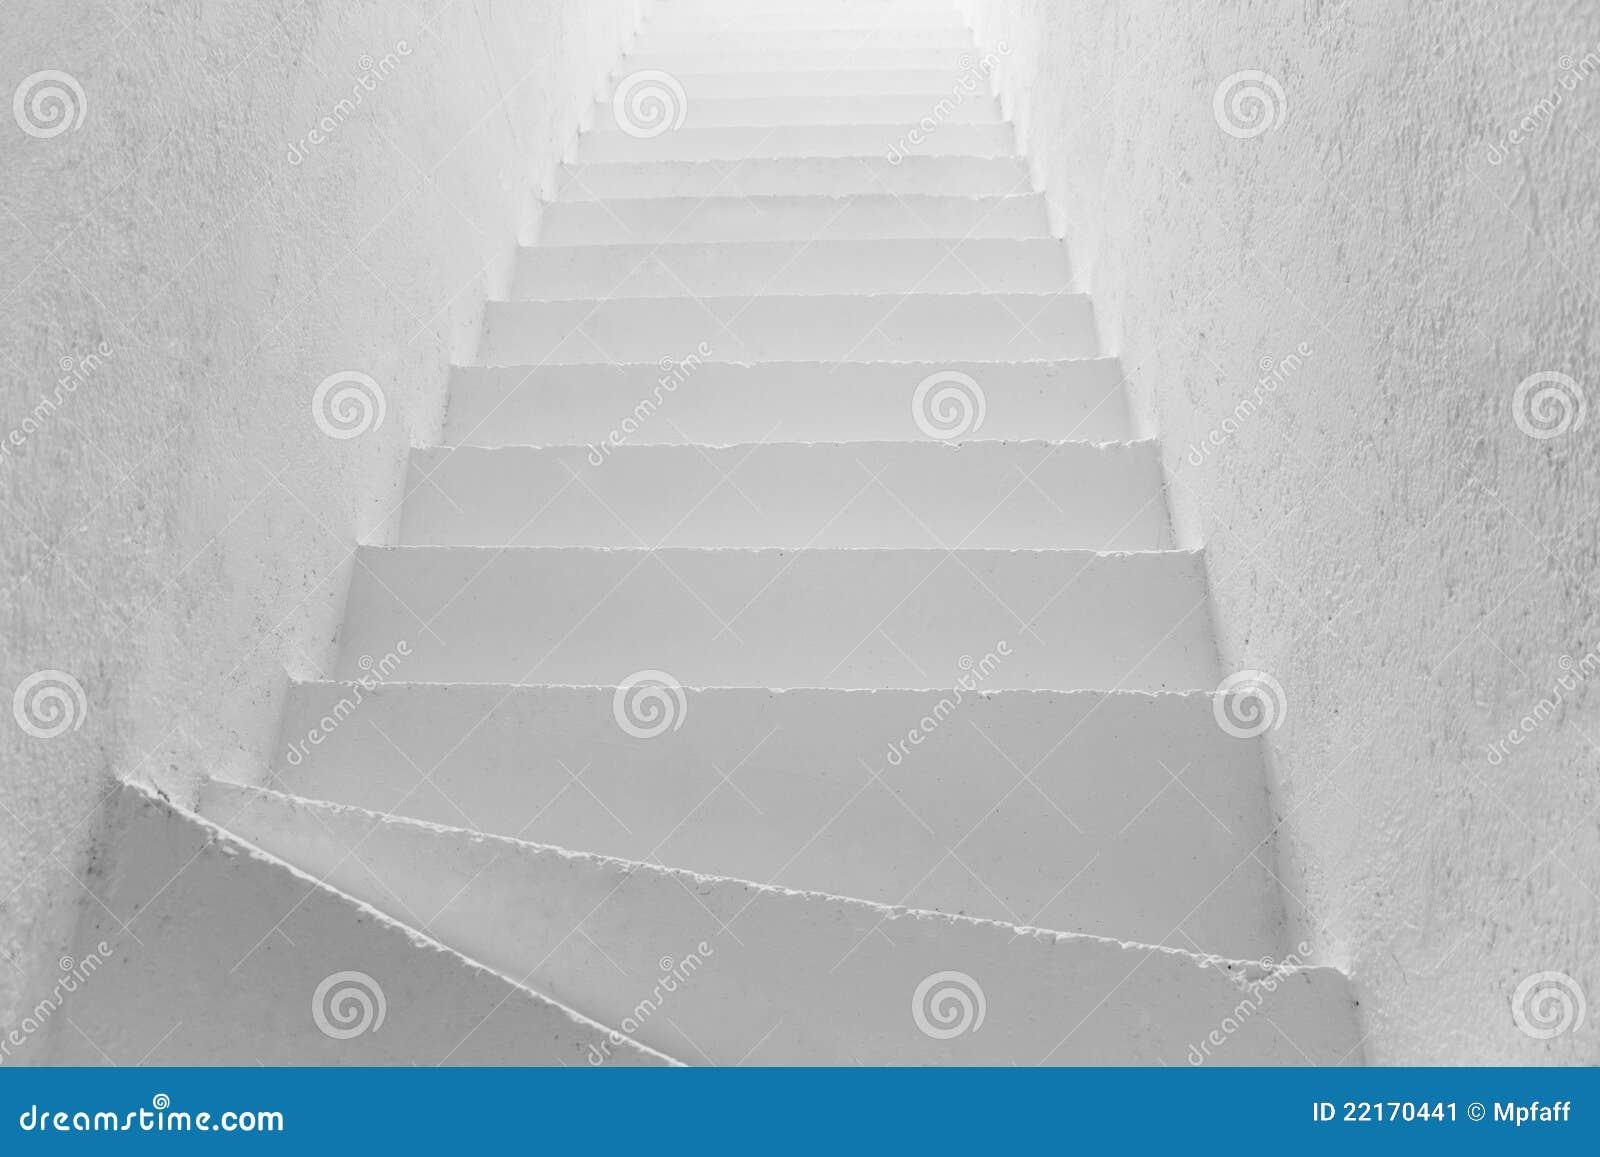 Escaleras blancas imagen de archivo imagen 22170441 - Escaleras blancas ...